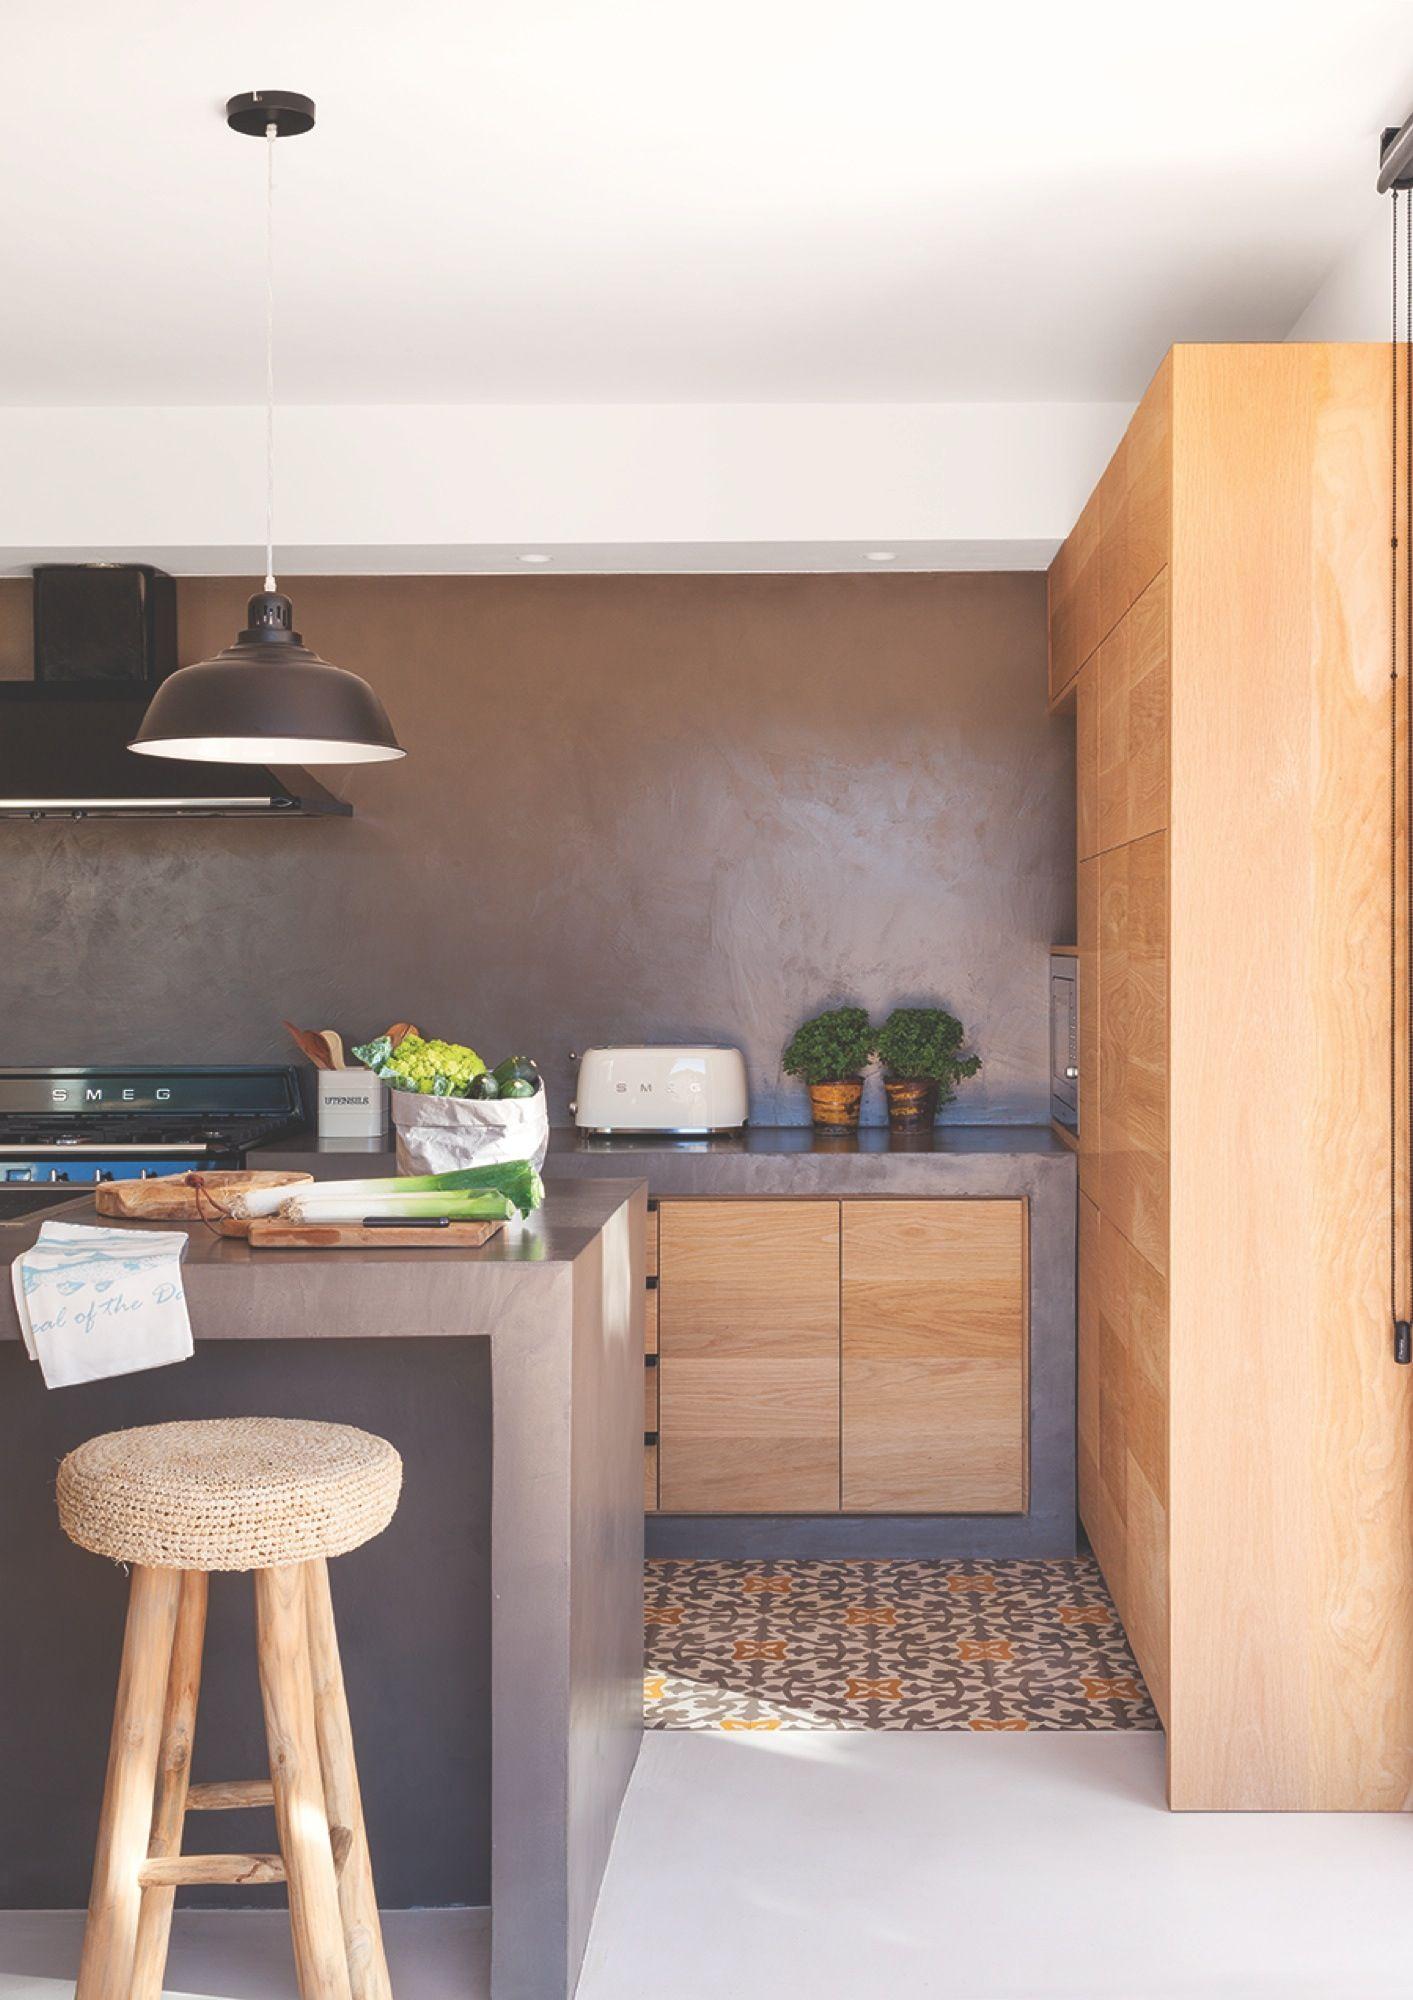 Comedor con mesa de madera y metal sillas de dise o for Suelo cocina gris antracita